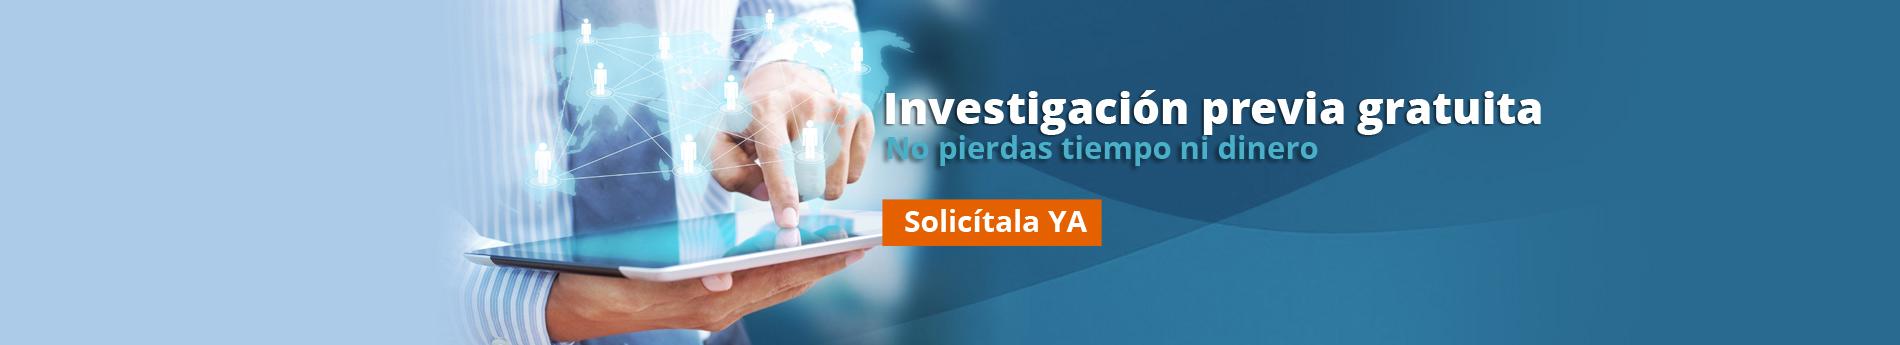 investigacion-previa-slide2